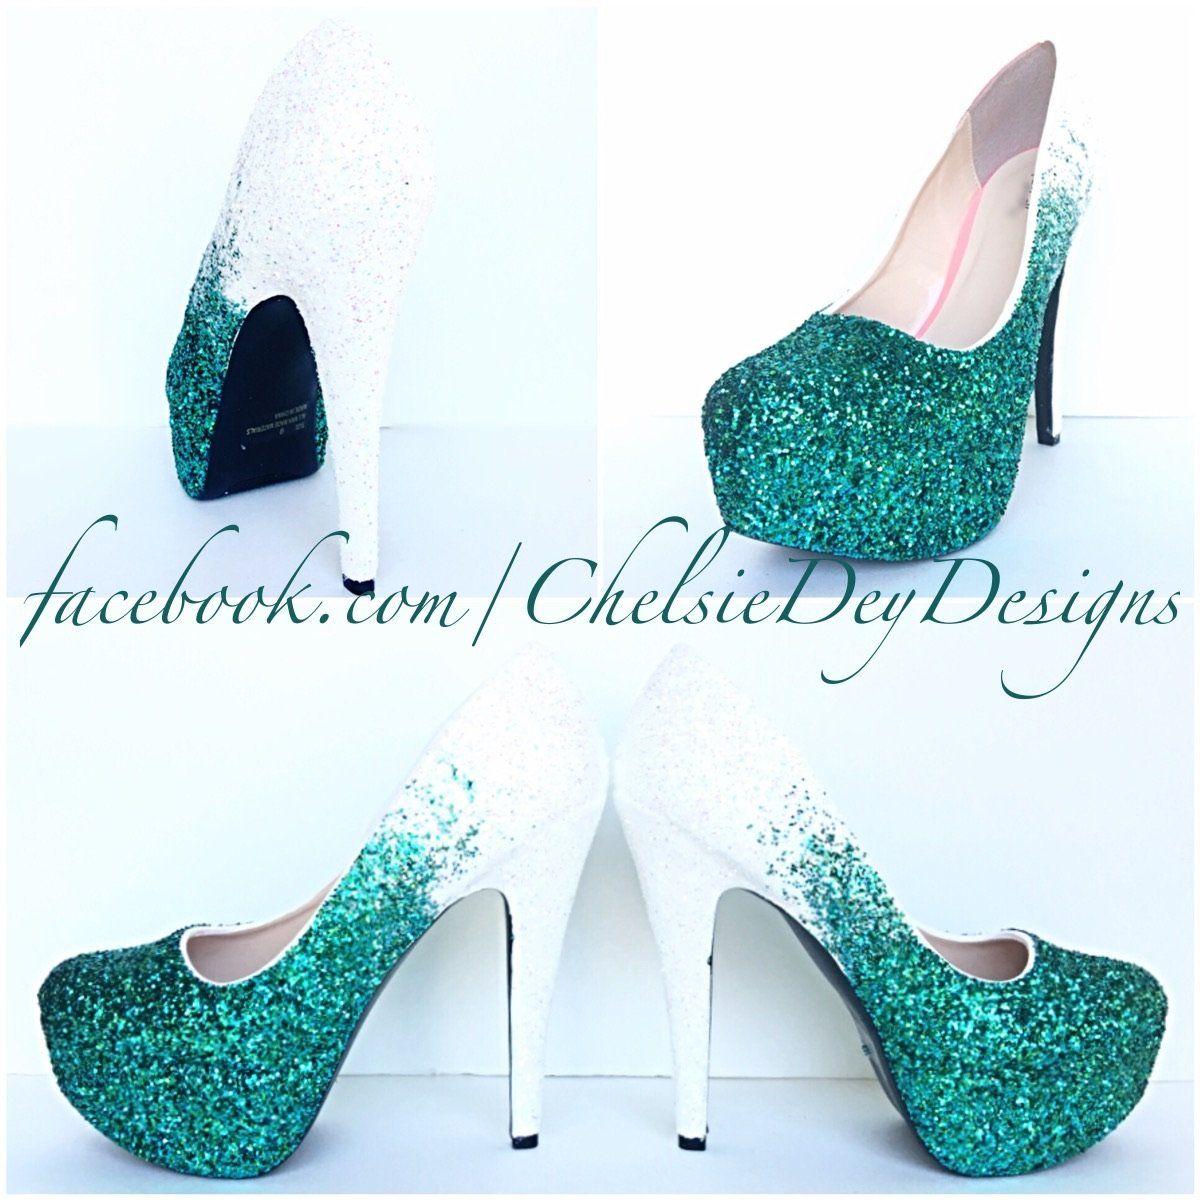 9de610f4f7 Aqua Ombre Glitter High Heels, White Mint Green Wedding Shoes, Sparkly  Seafoam Pumps